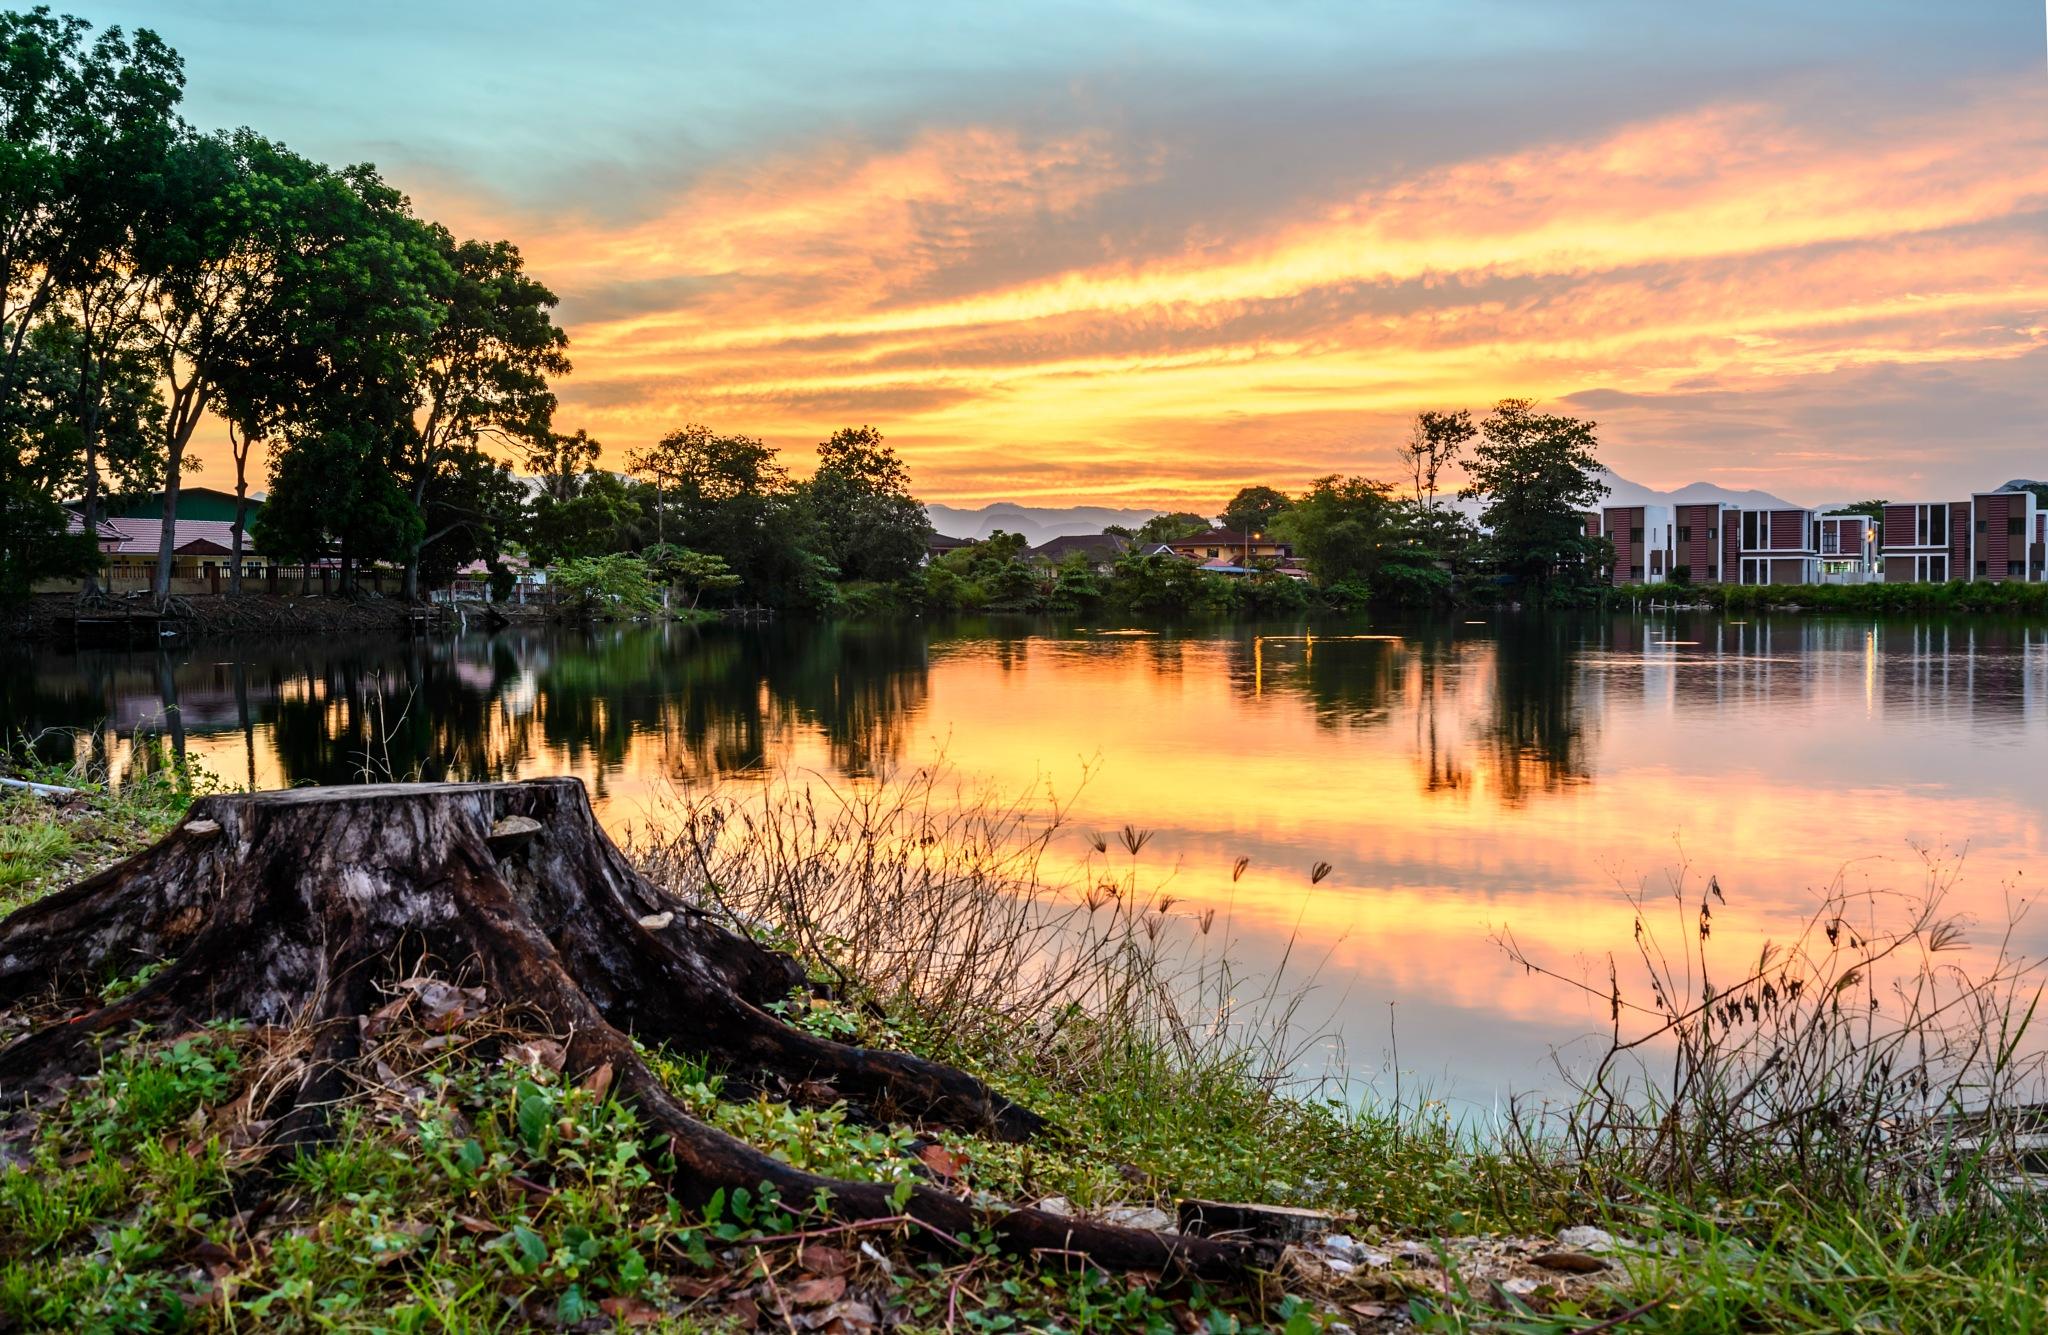 Sunrise at the lake by garywlyip